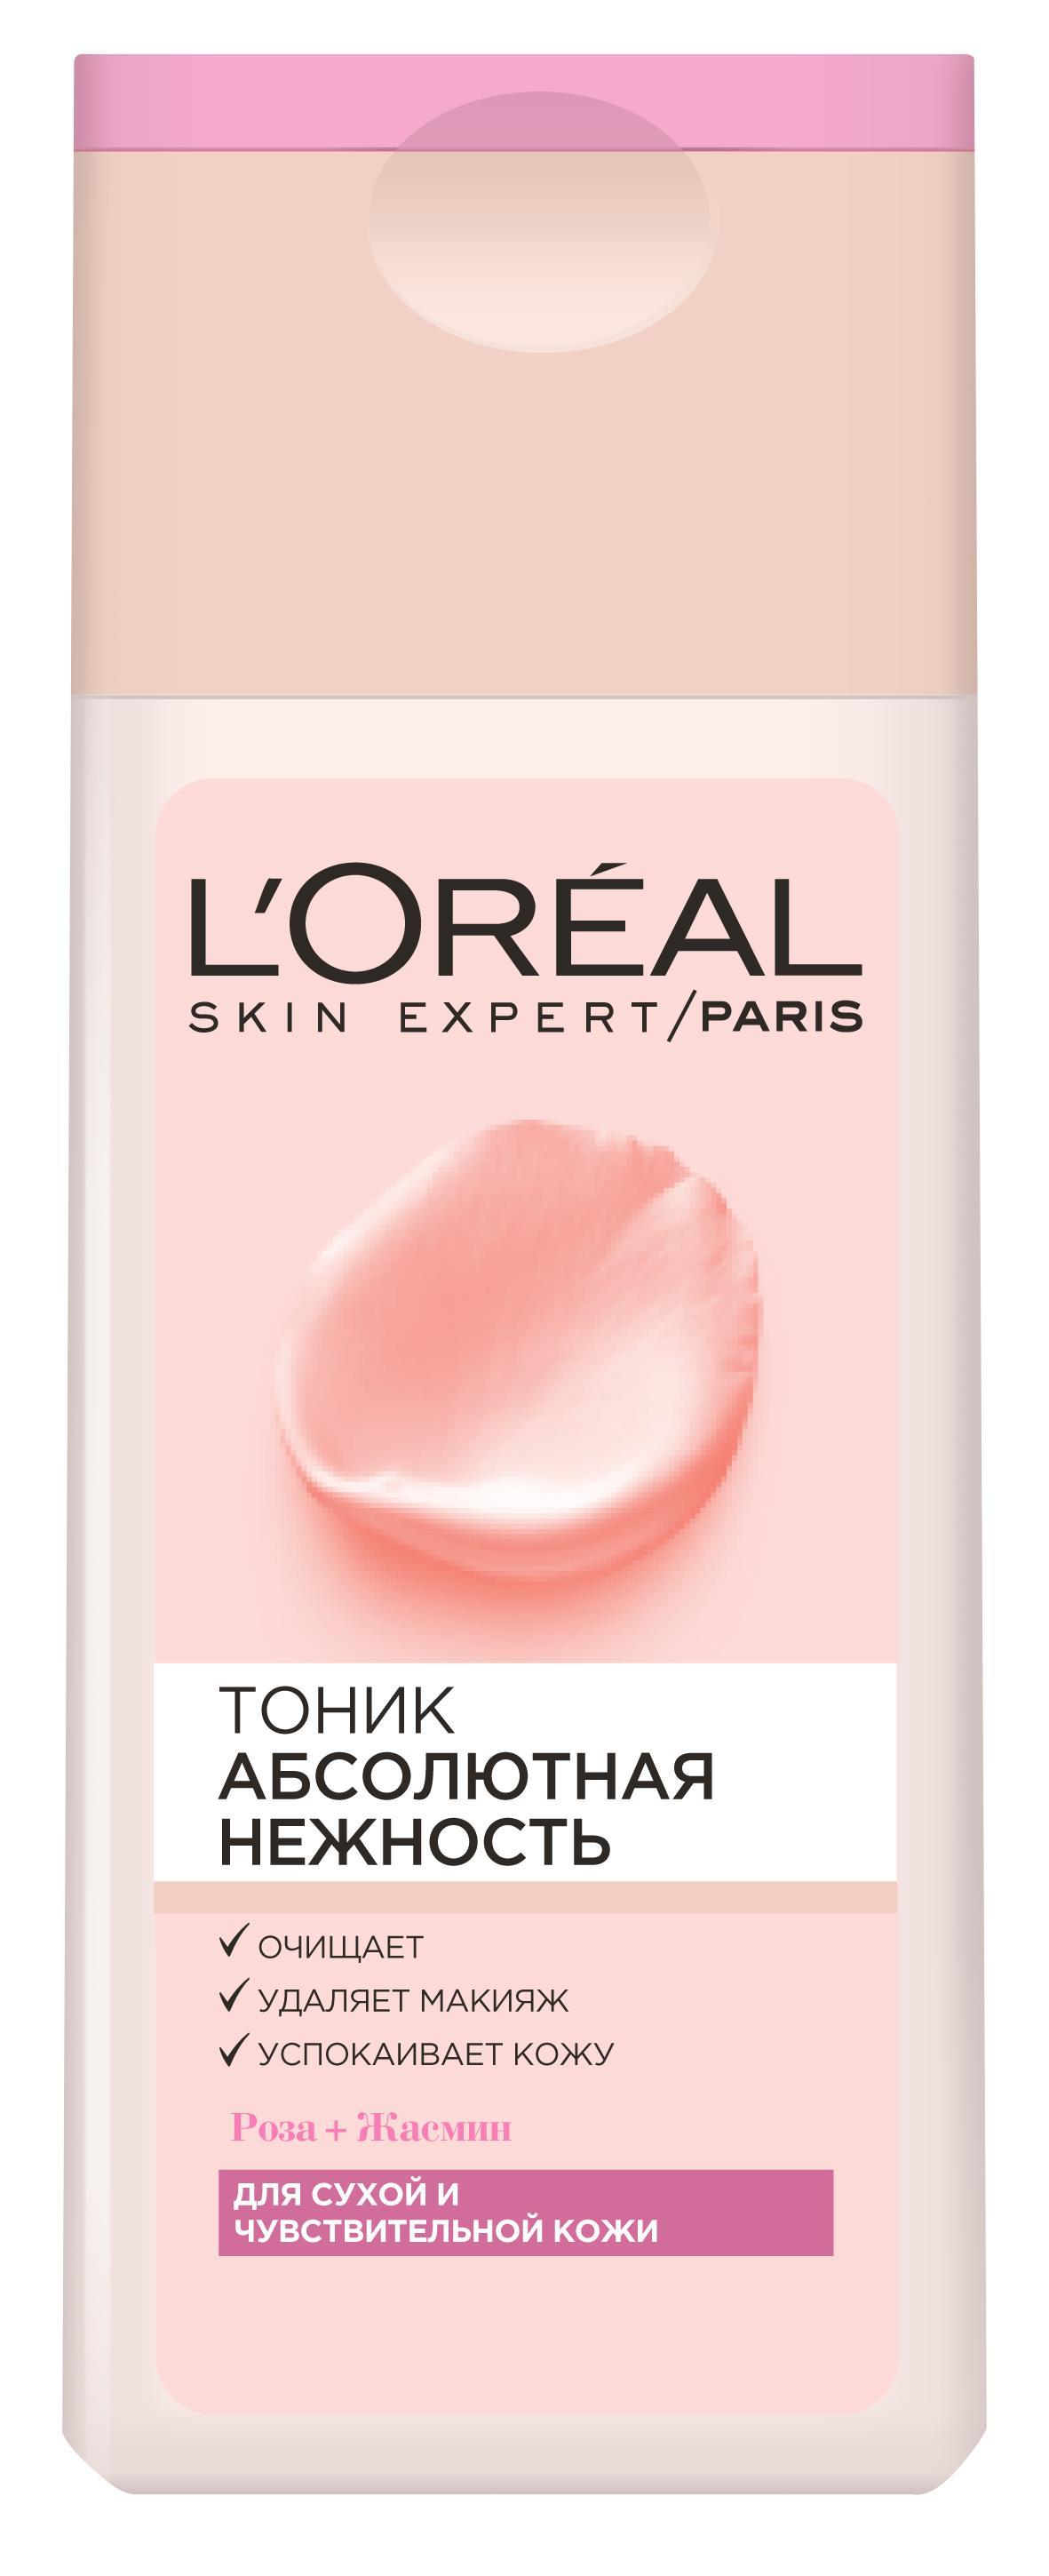 LOreal Paris Очищающий тоник Абсолютная нежность, для сухой и чувствительной кожи, 200 мл, с экстрактами Розы и ЖасминаA7089500Тоник для кожи «Абсолютная свежесть» разработан специально для сухой и чувствительной кожи, обогащён уникальными смягчающими компонентами, которые не только эффективно удаляют все загрязнения, остатки косметических средств, но и освежает кожу, делая её мягкой и бархатистой. Ваша кожа очищена от макияжа и загрязнений. Она становится нежной, более мягкой и красивой. Тонкий цветочный аромат позволит вам получить истинное удовольствие от чувственный опыт от ухода за кожей. Содержит экстракт розы, известный своими успокаивающими свойствами и способностью уменьшать ощущение дискомфорта, и экстракт жасмина, известный своими смягчающими и успокаивающими свойствами.